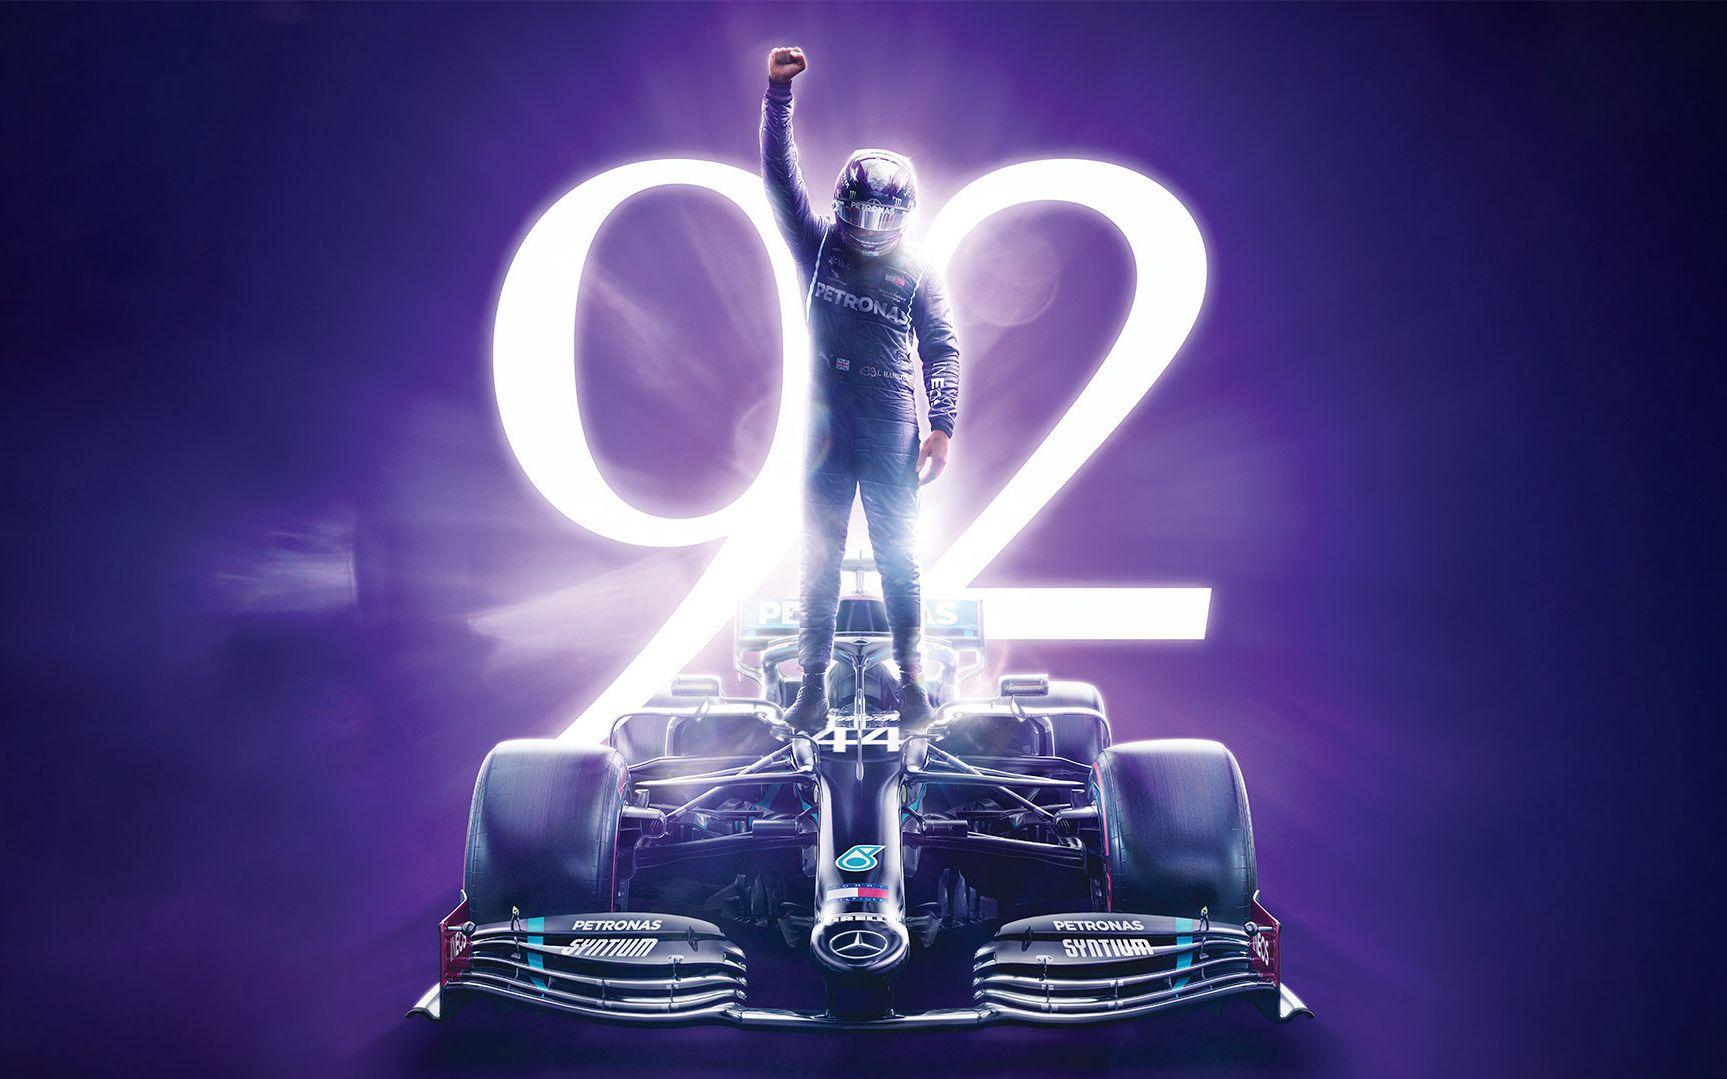 92冠!汉密尔顿超越舒马赫成F1第一人图片